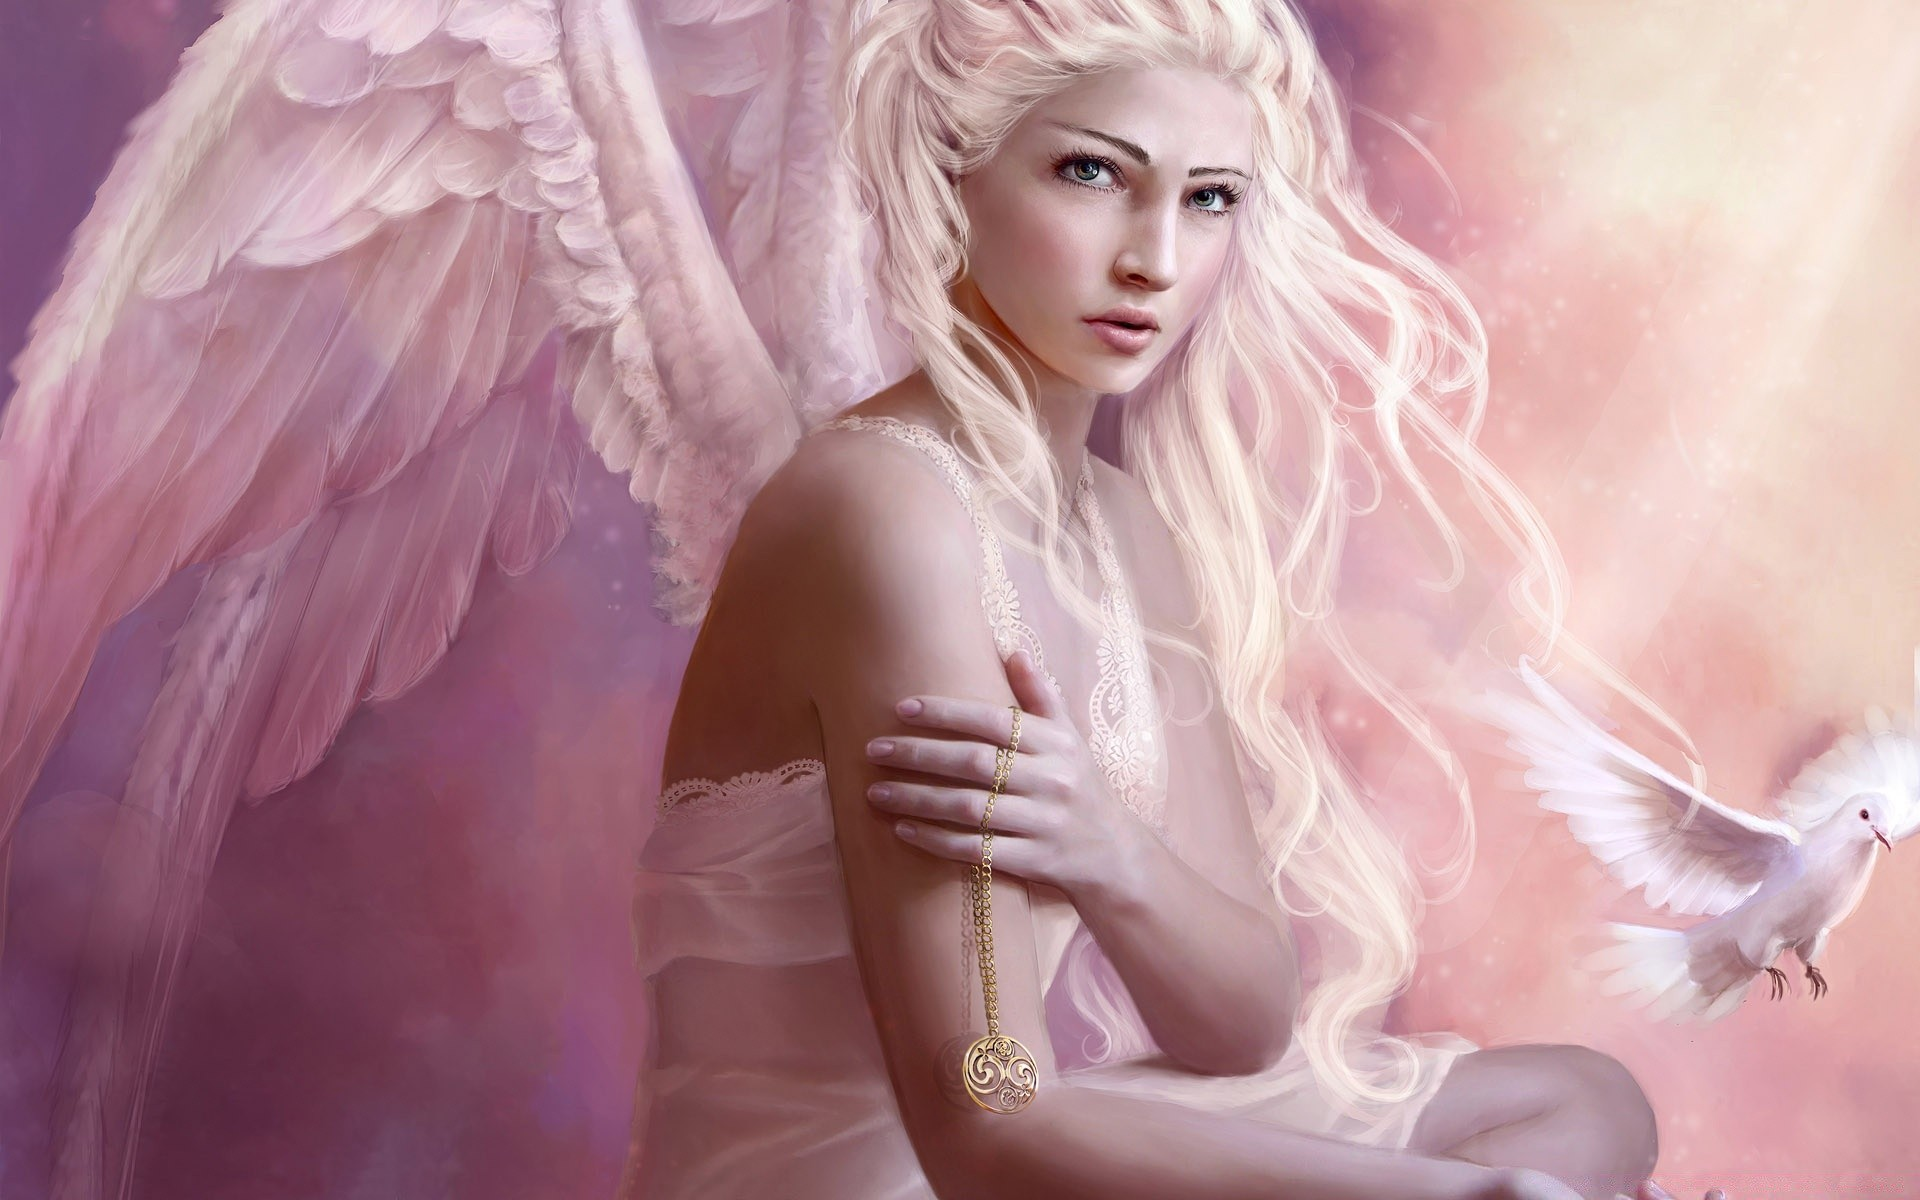 Сексуальный девушка ангел рабочий стол